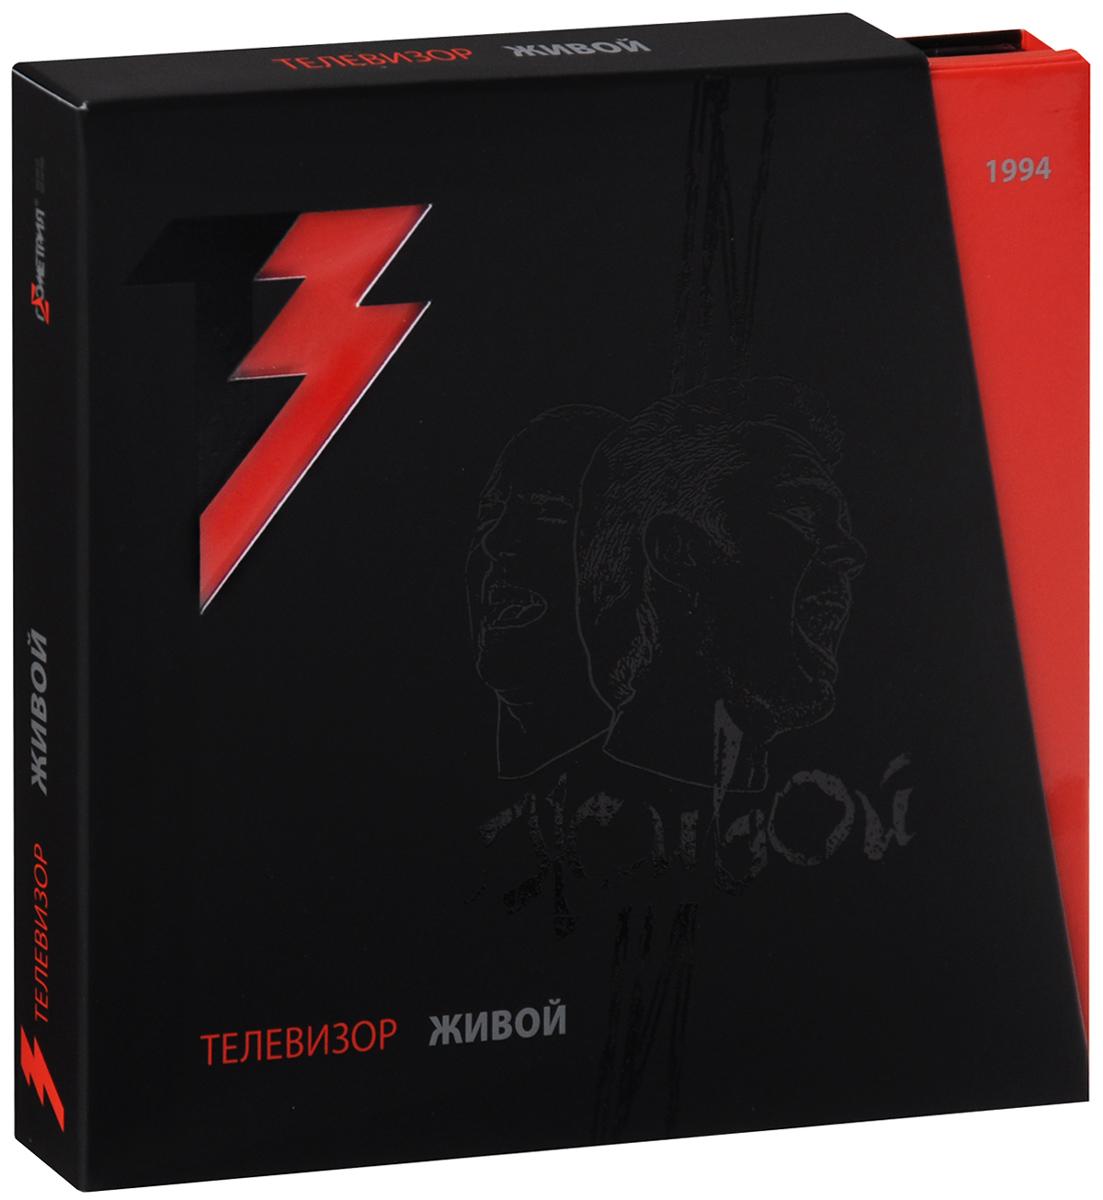 К изданию прилагается 20-страничный буклет с фотографиями и текстами песен на русском языке.